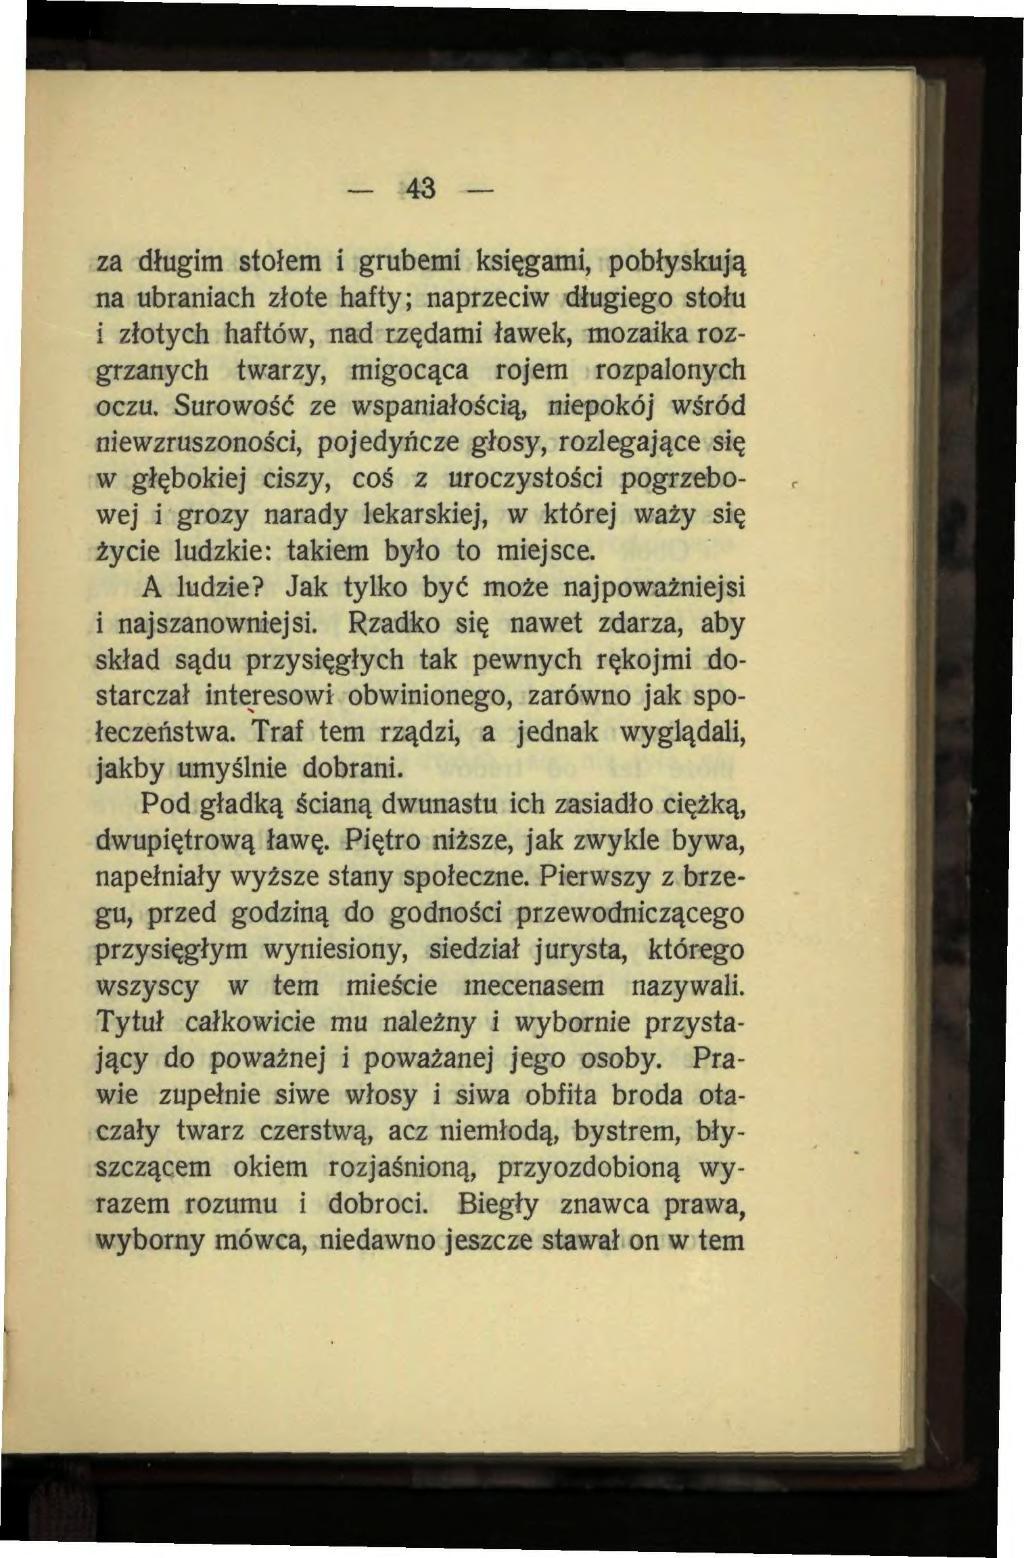 Jogi kérdések és válaszok a petesejt adományozásról - Egészségtüköplastenka.hu